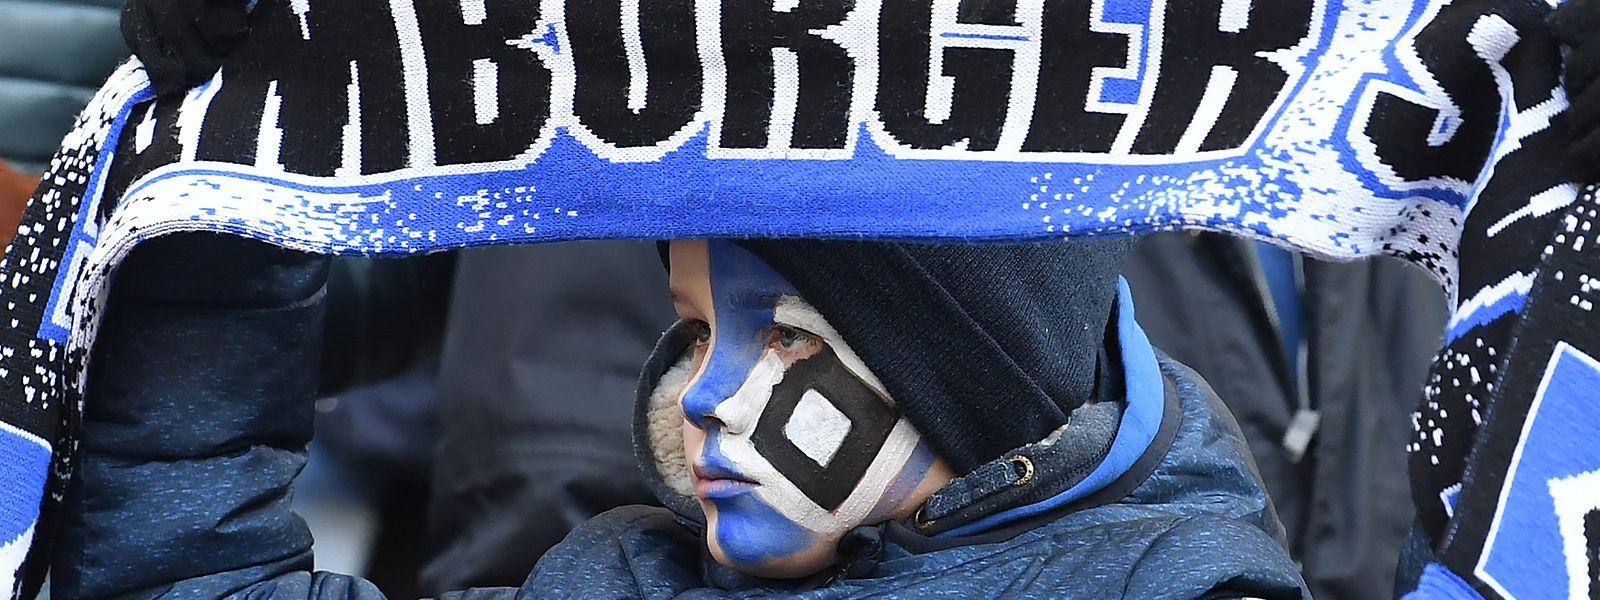 Die Hamburger Fans hatten am Samstag wieder keinen Grund zur Freude.